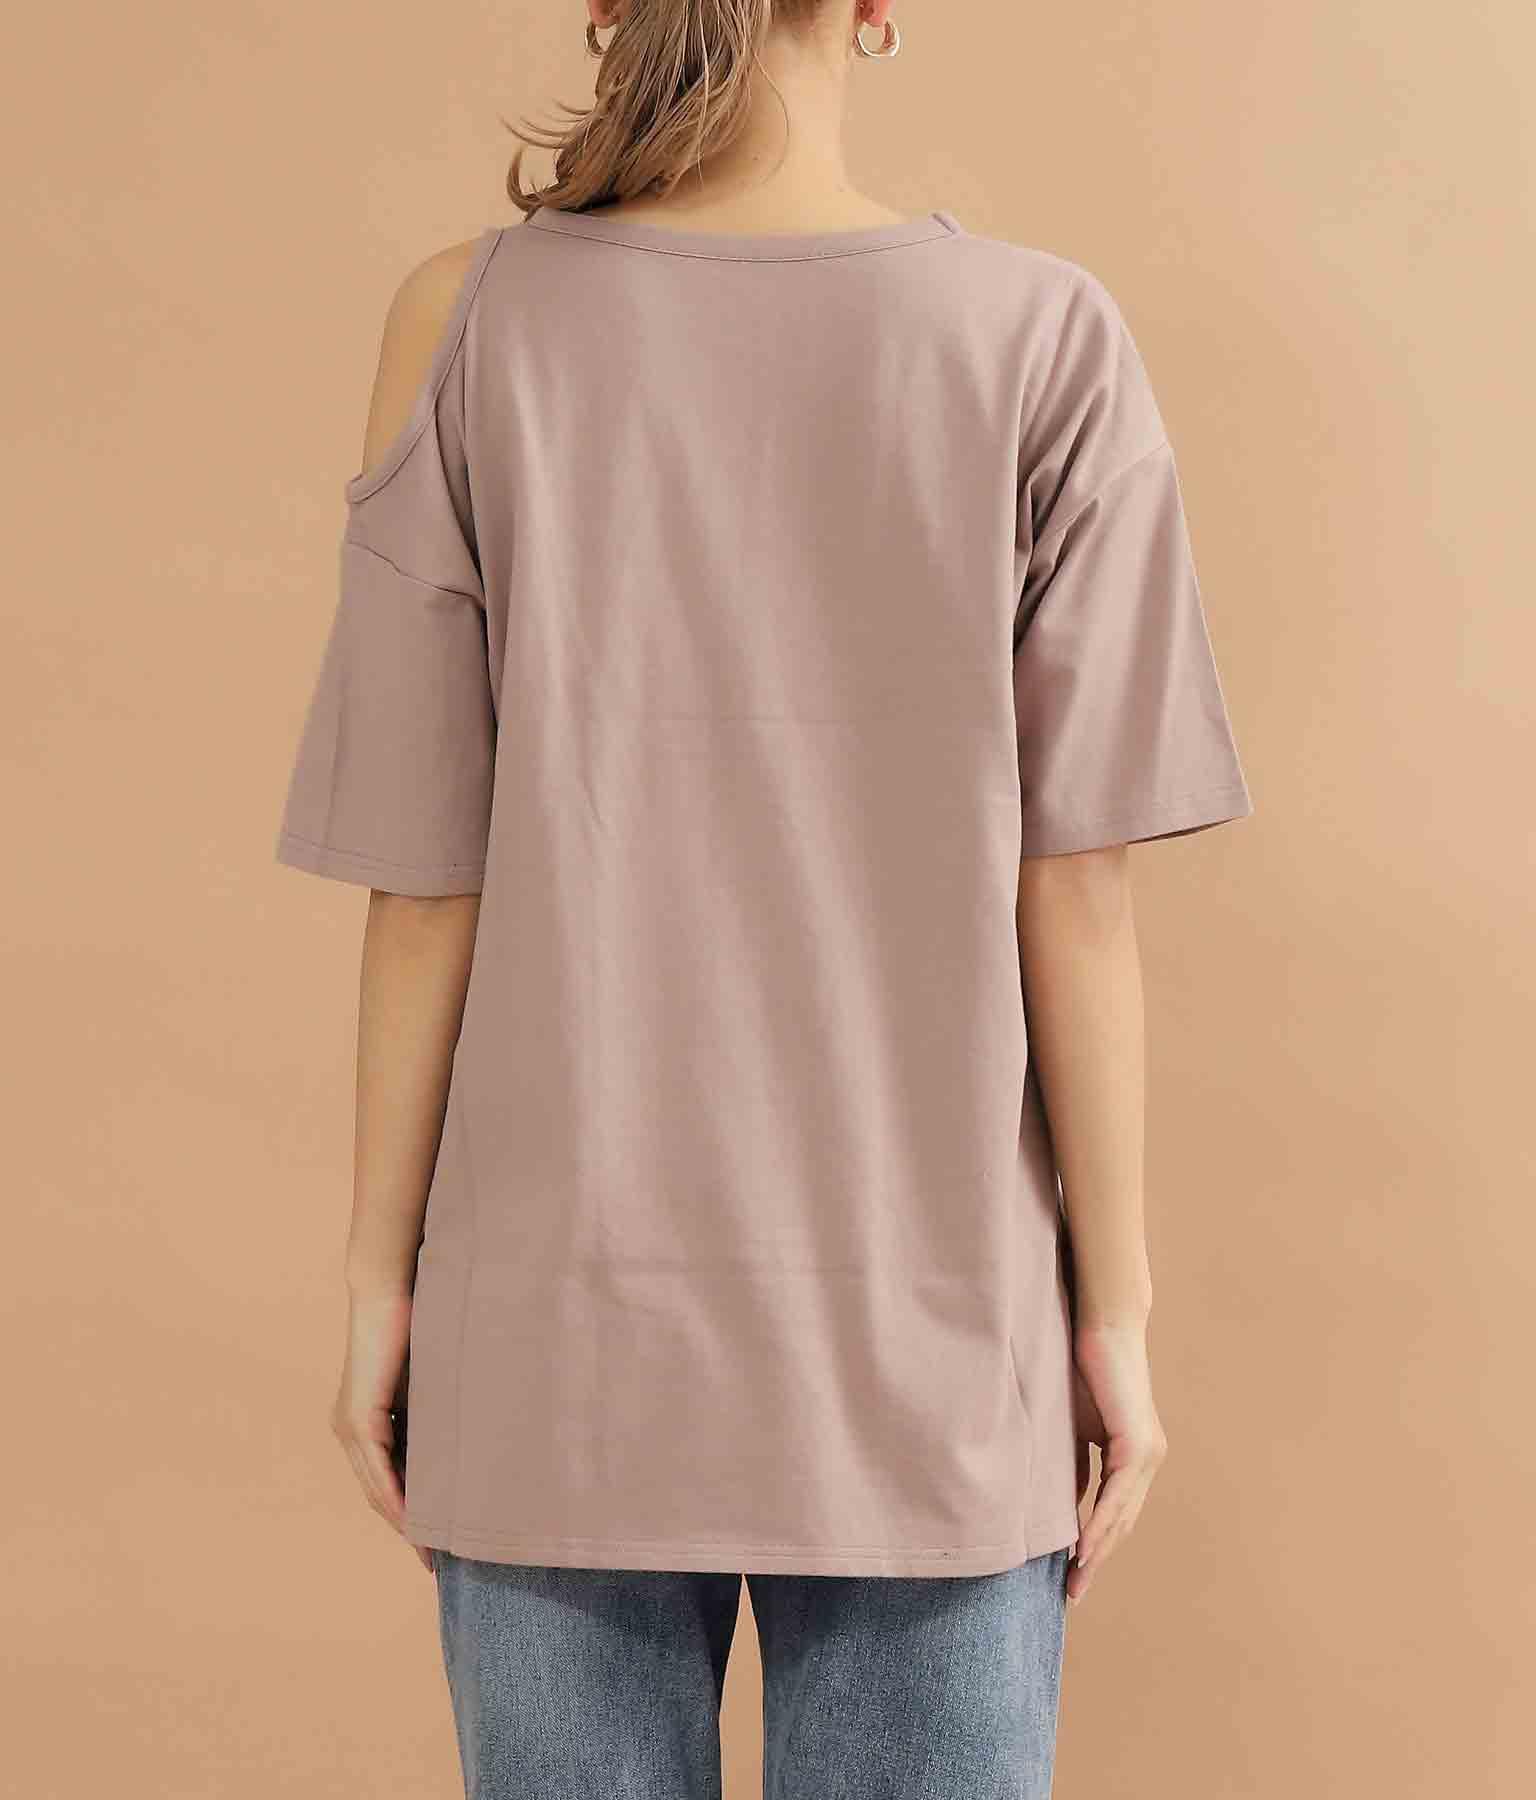 オープンショルダーTシャツ | ANAP